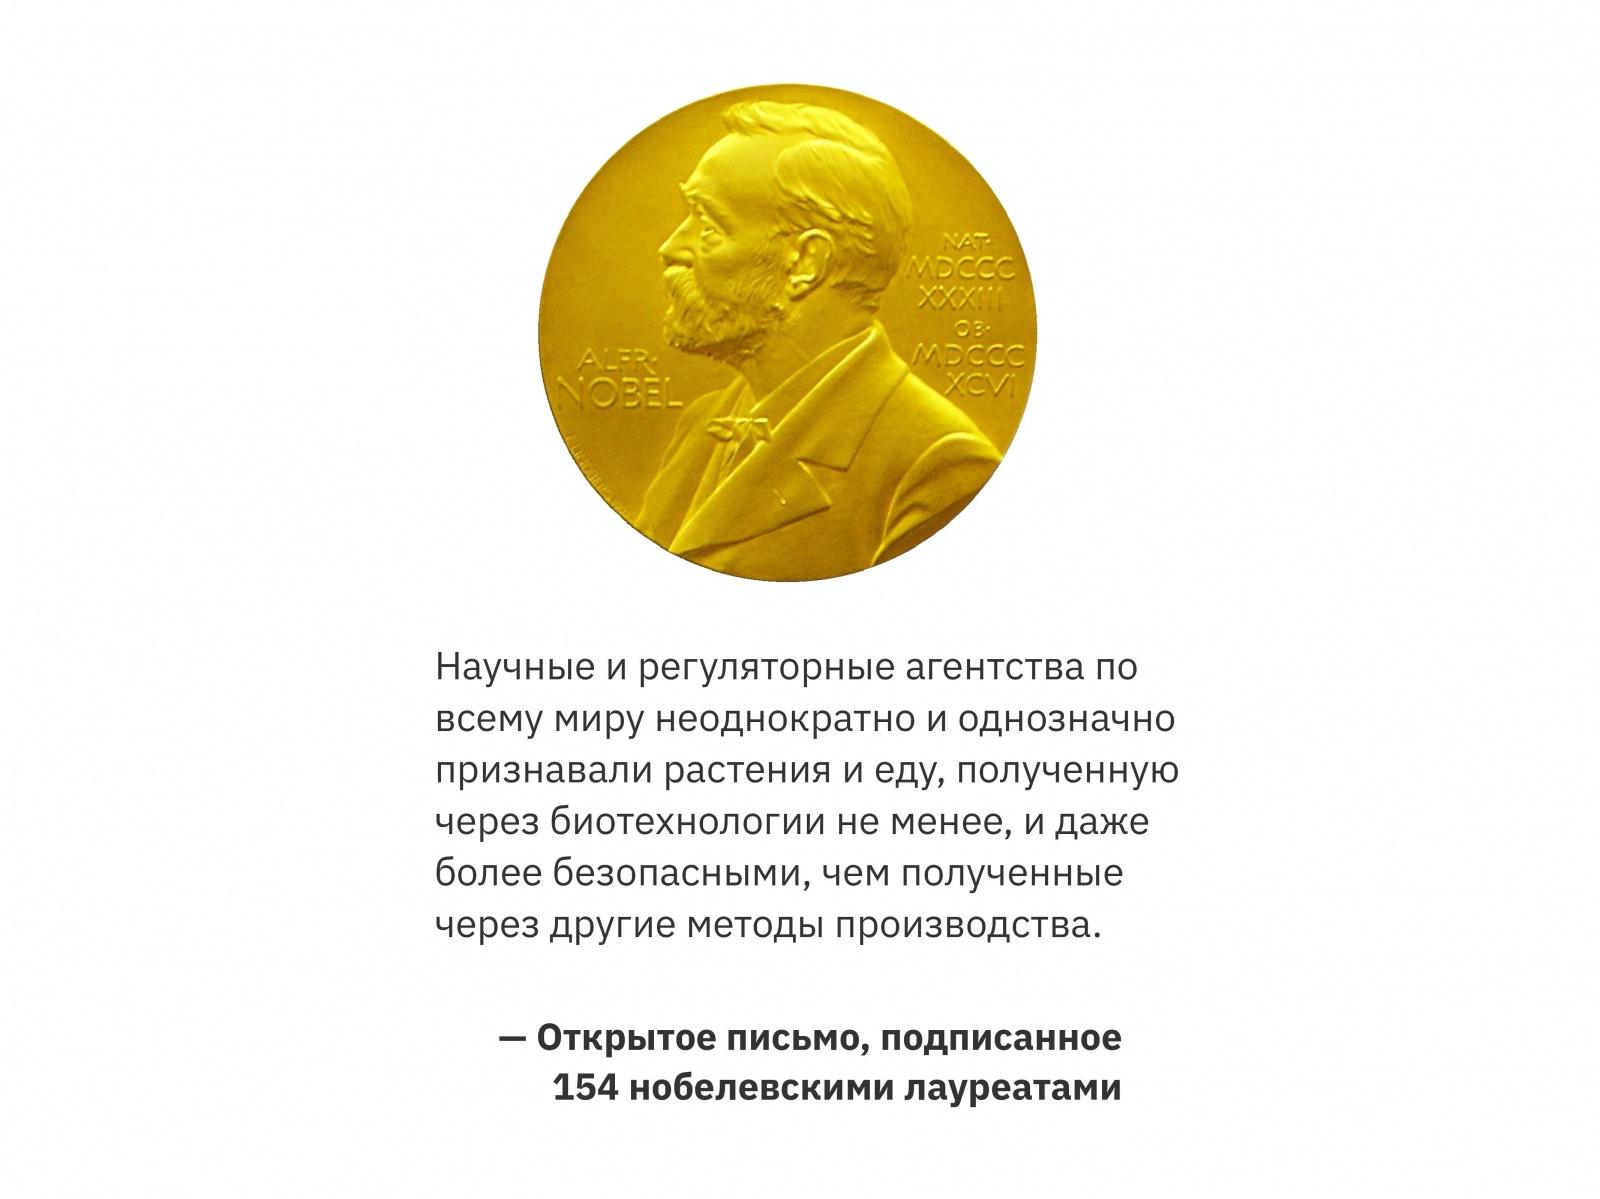 Алексей Каптерев: Критическое мышление 101 (часть 2) - 46